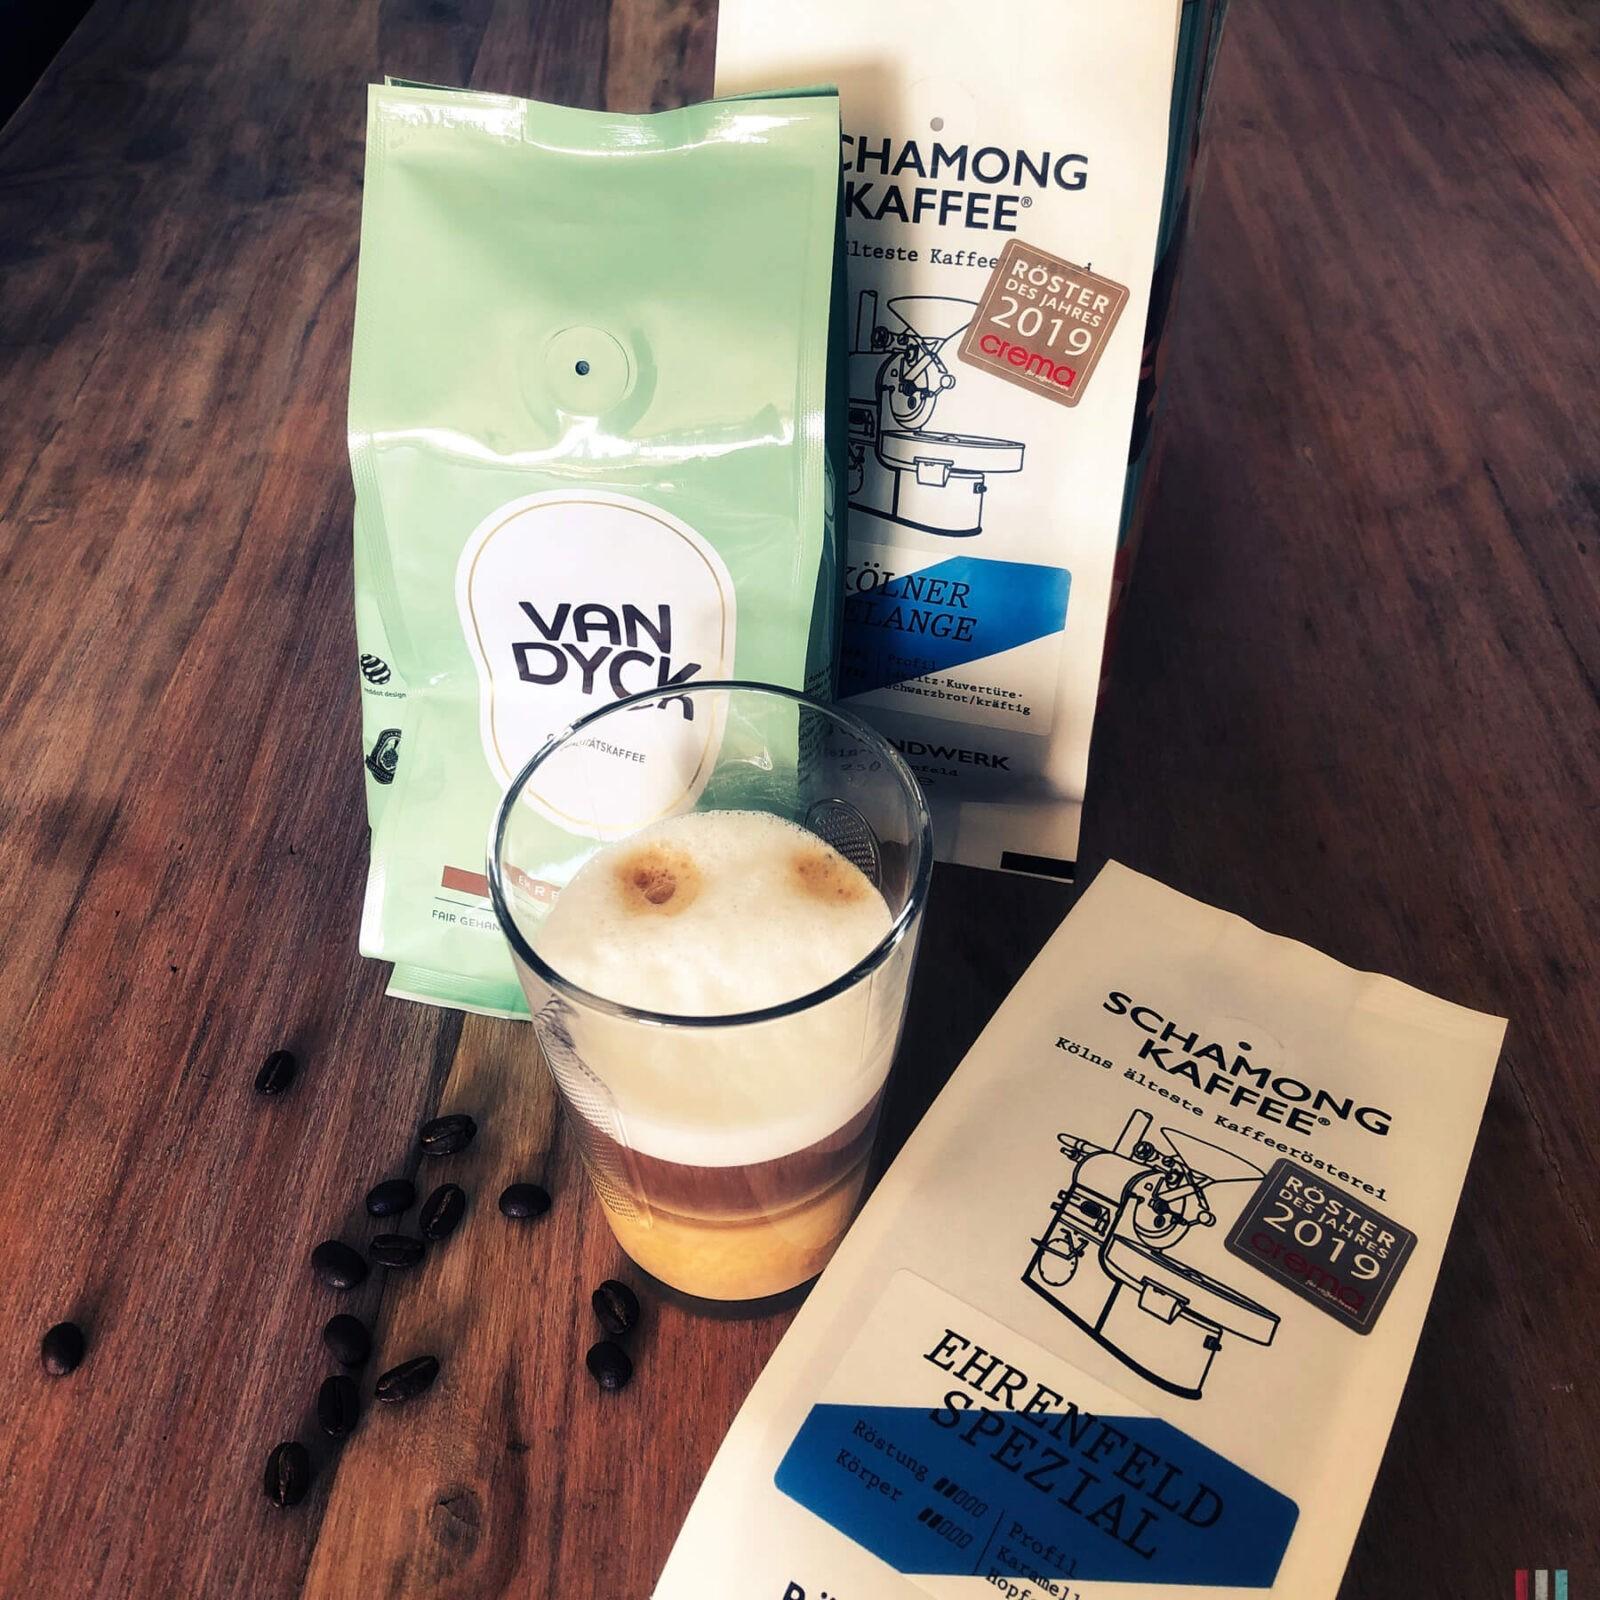 Made in Ehrenfeld: Gin, Kaffee, Bonbons